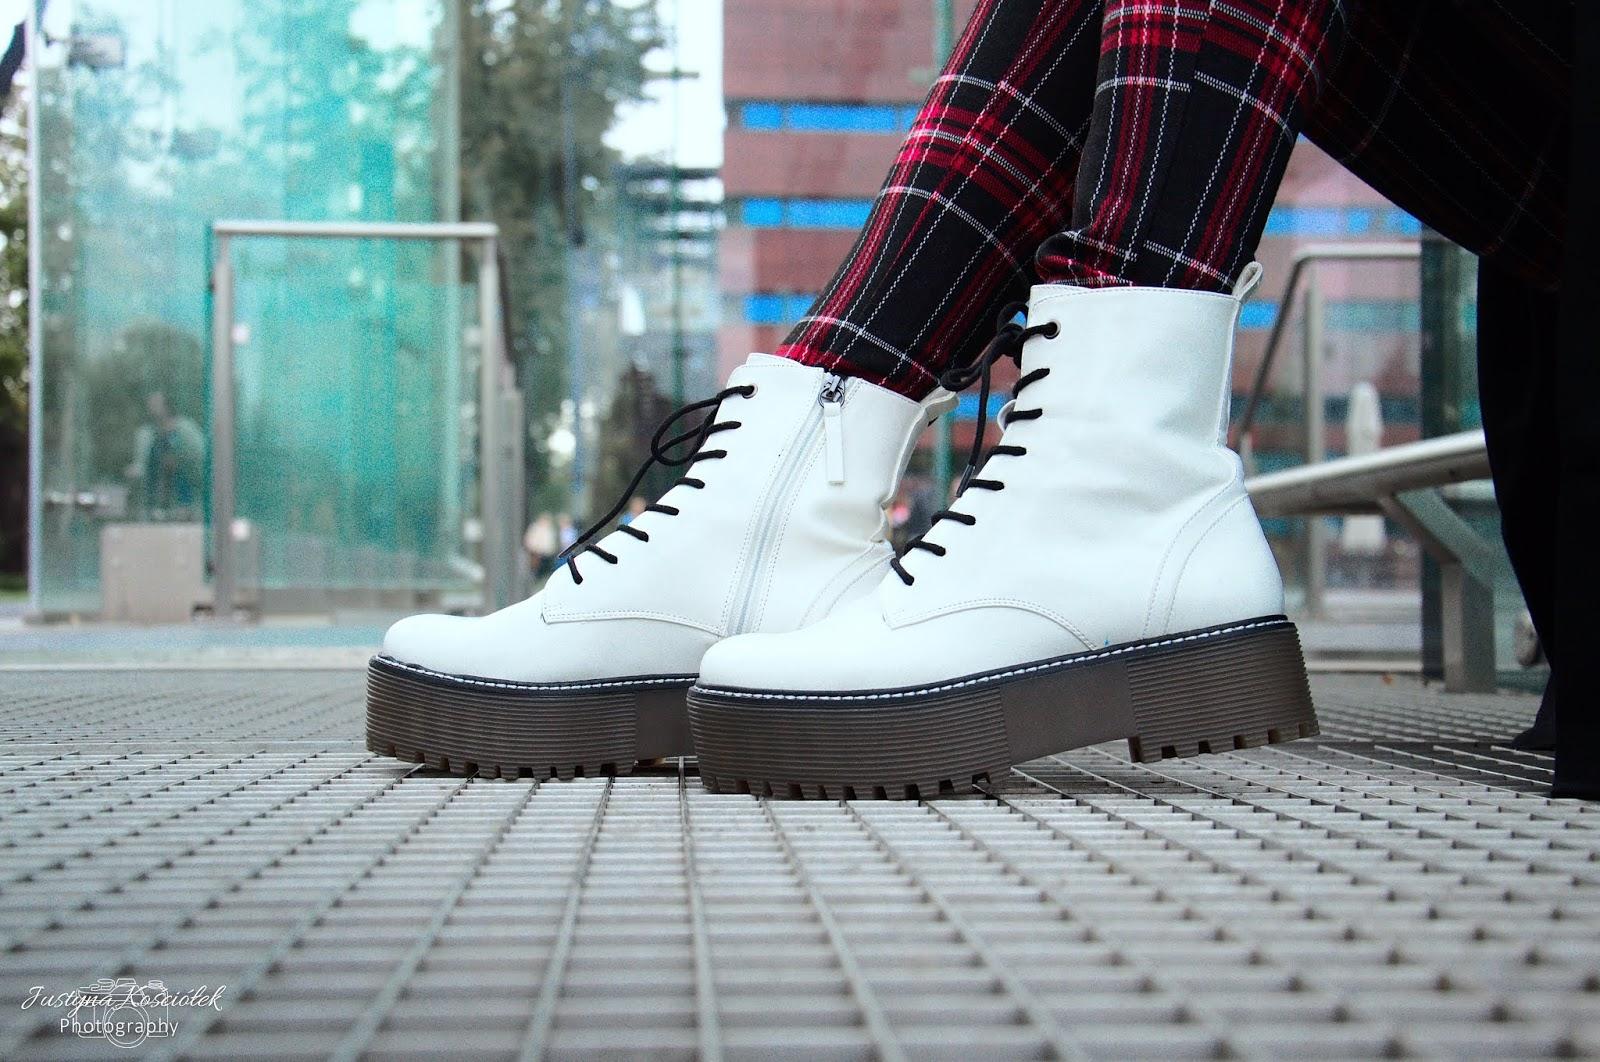 Jak ubierać się na jesień? Stylizacja z kratką w roli głównej. Spodnie w kratkę, spodnie w kratkę tradivarius, stradivarius, legginsy, legginsy w kratkę, legginsy stradivarius, botki na platformie, buty na platformie, białe buty, treny, trendy jesień, jesień 2018, zima 2018, modna jesień, modna zima, modne stylizacje, bershka, newyorker, makijaż, makijaż wieczorowy, mac, nyx, makeup revolution, kobo, Dior, Kryolan, Rimmel, Catrice, Bell, Karaya, Revlon, Zoeva, mdalecka, szkoła marzeny daleckiej, wizaż, wizaż wrocław, szkoła wizażu, szkoła wizażu we wrocławiu, fotografia glamour